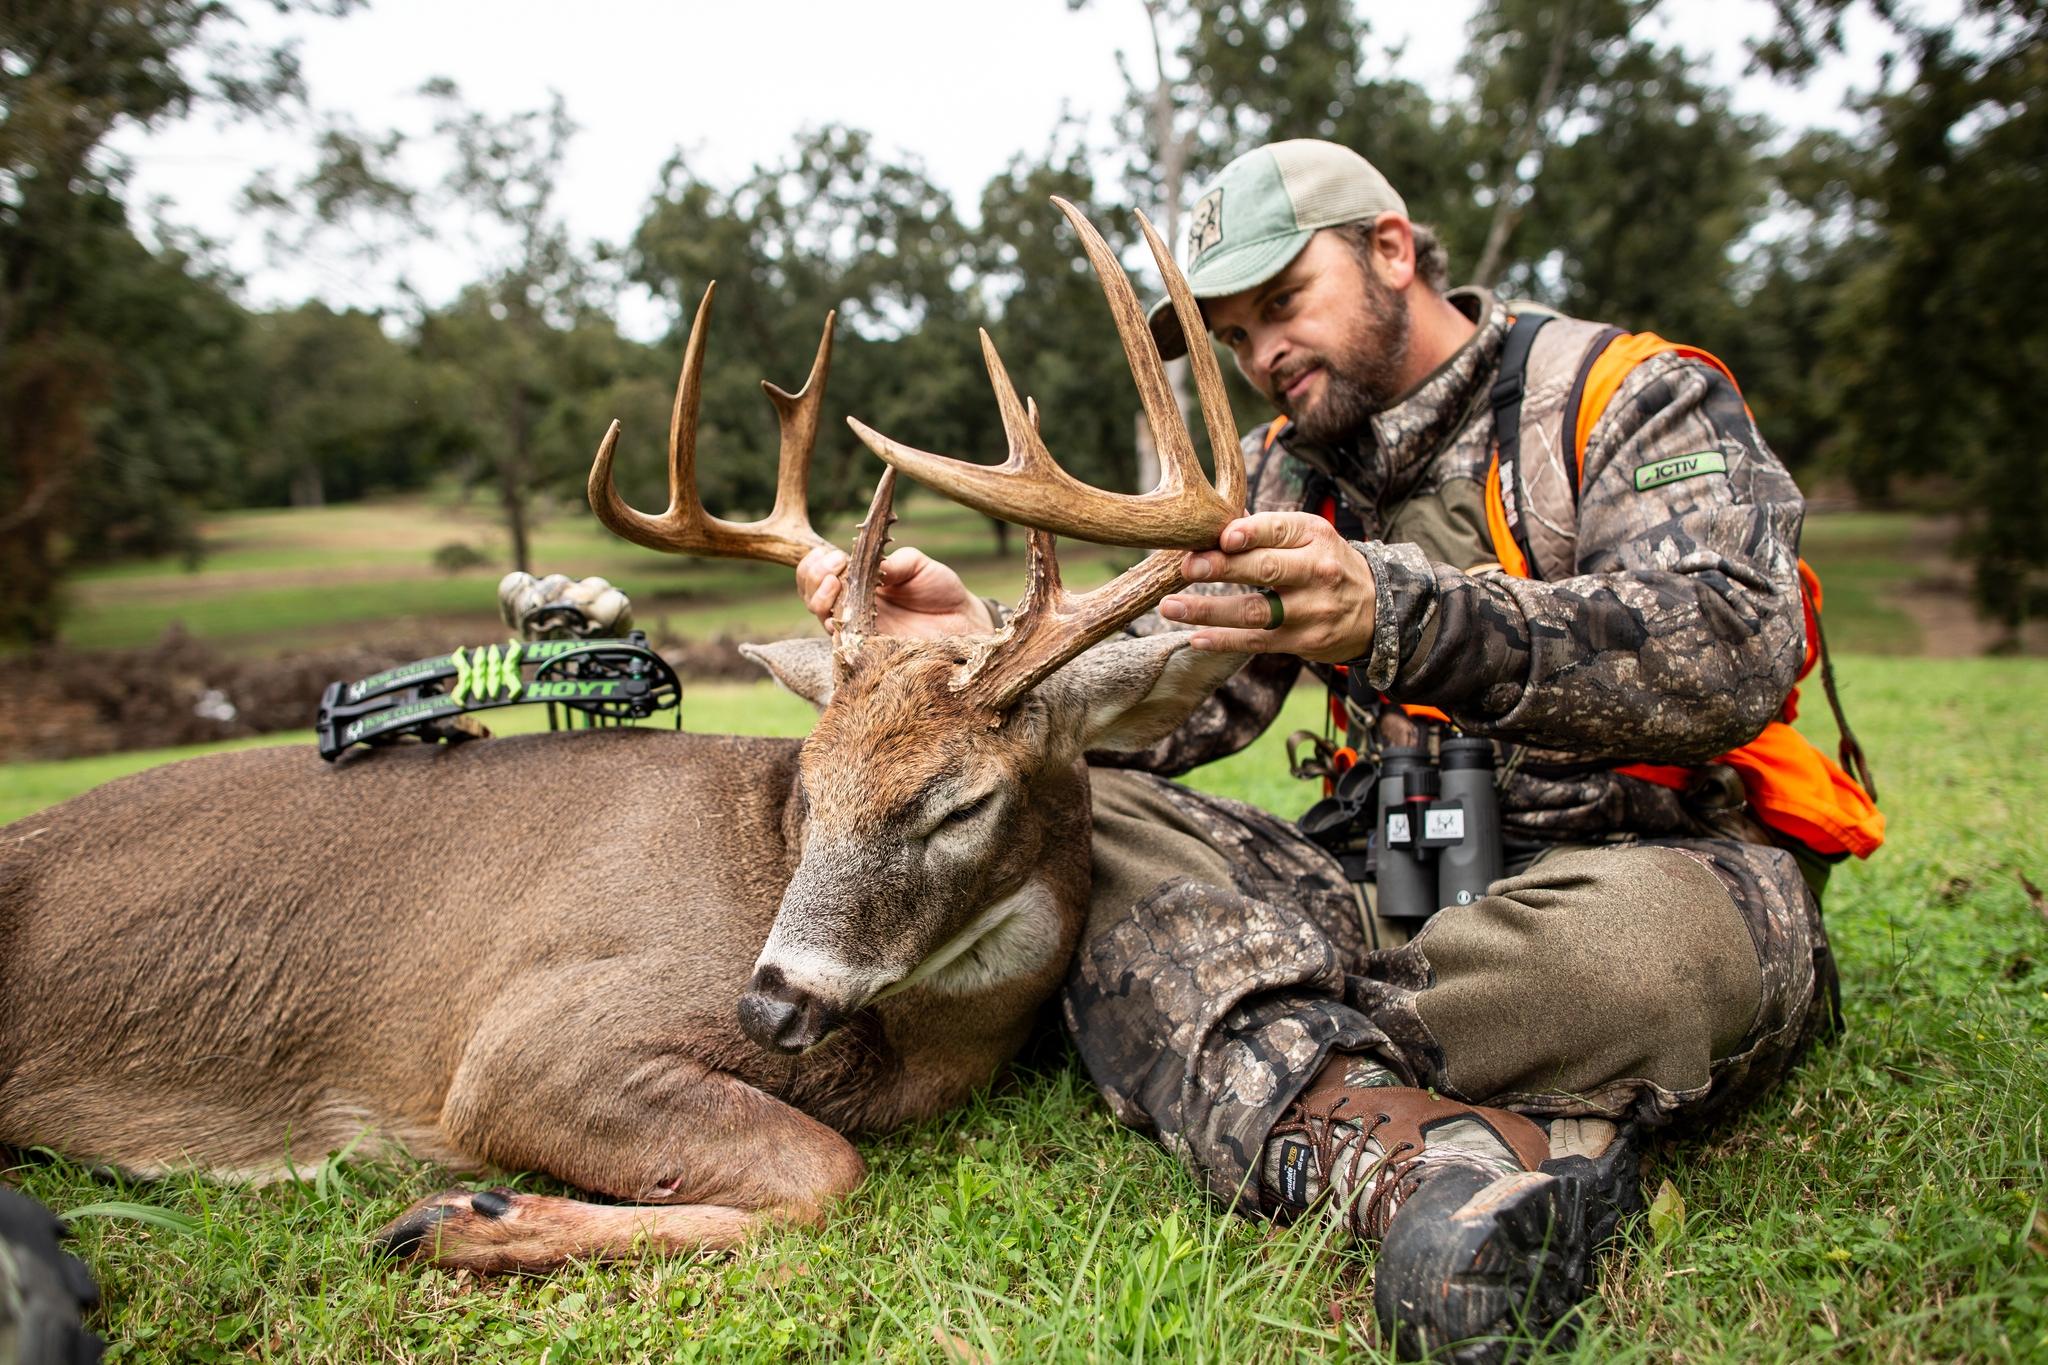 Huntining The Deer Rut In2021 | Calendar Printables Free Blank regarding Deer Rut Forcast Indiana 2021